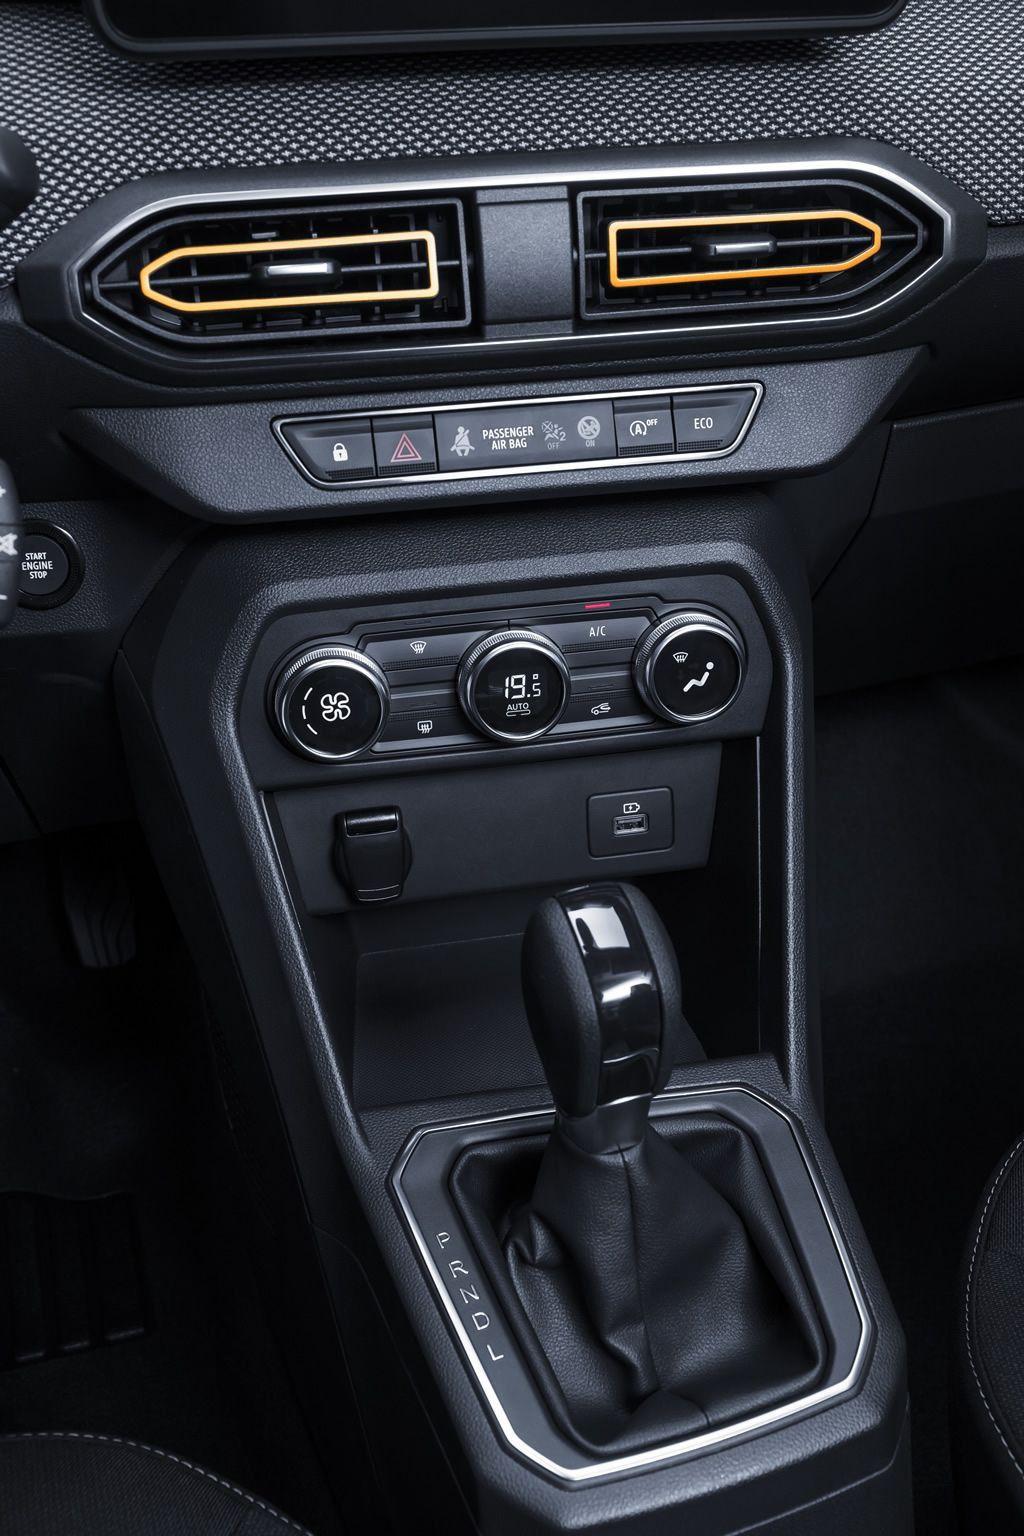 2021 Dacia Sandero yenilenen fiyatları şaşırttı! - Nisan 2021 - Page 4